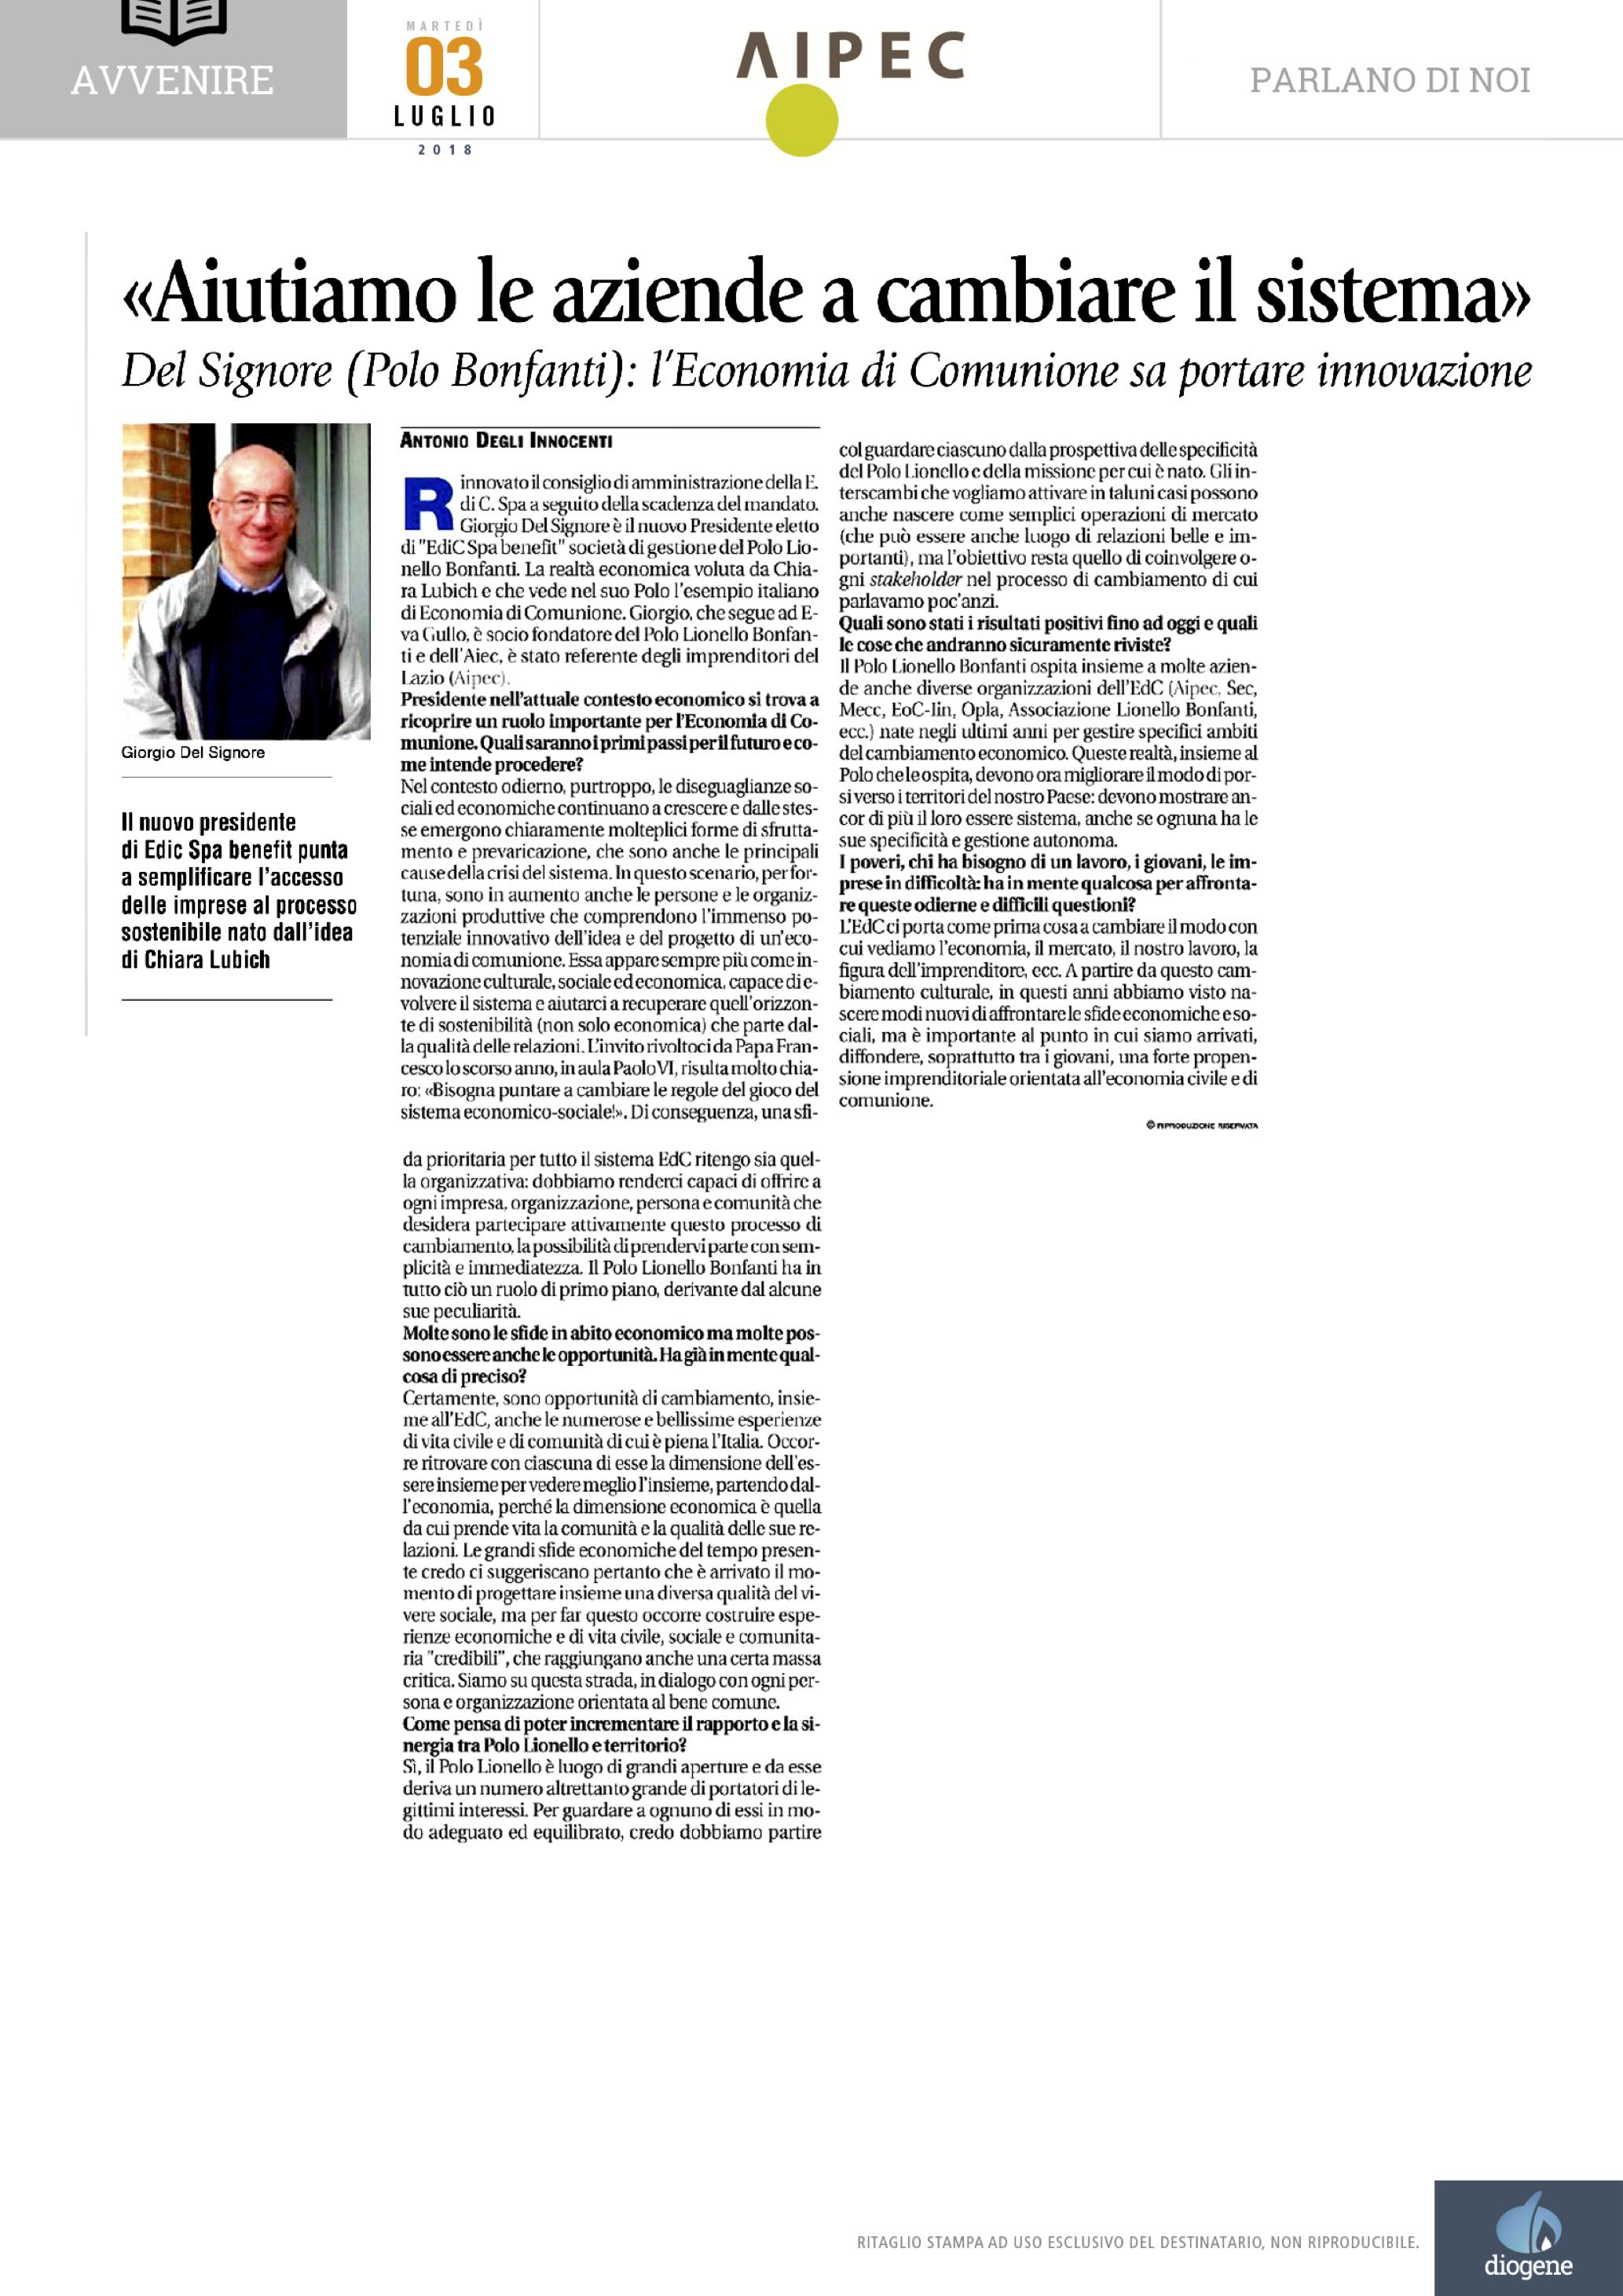 20180703_Info AIPEC-EdC_Avvenire_Intervista Giorgio Del Signore